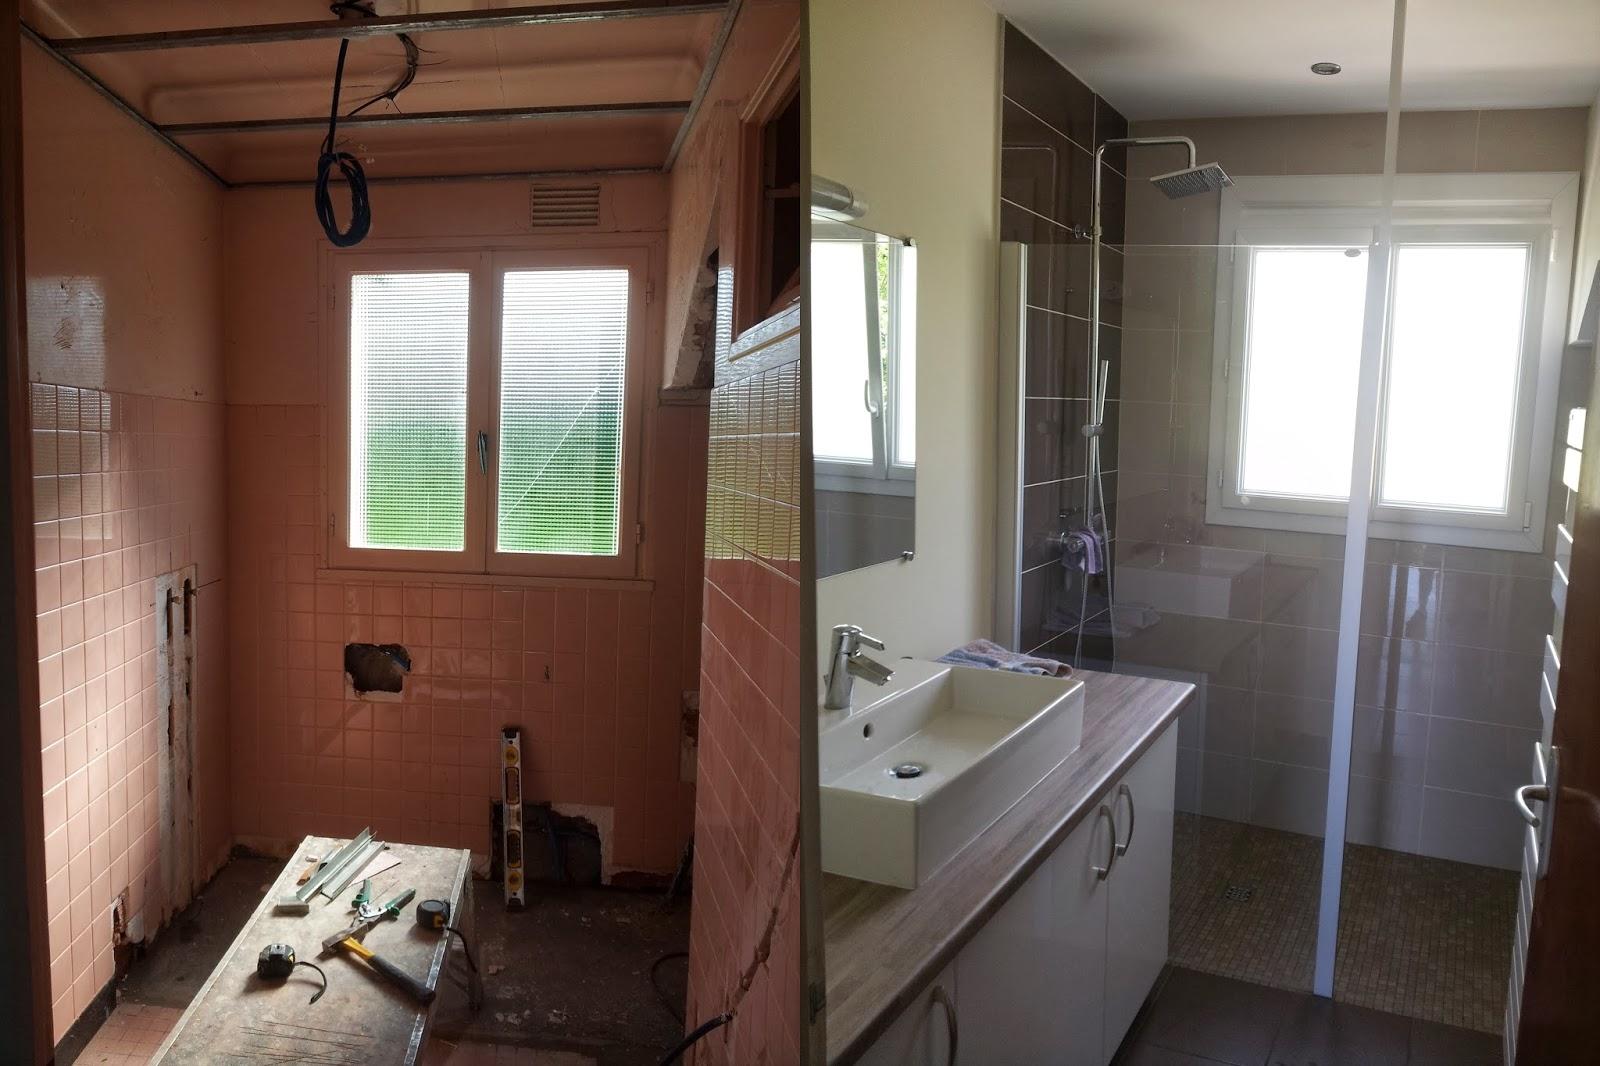 Deco Salle De Bain Avant Apres michel le coz agencement & décoration: avant/après: salle d'eau